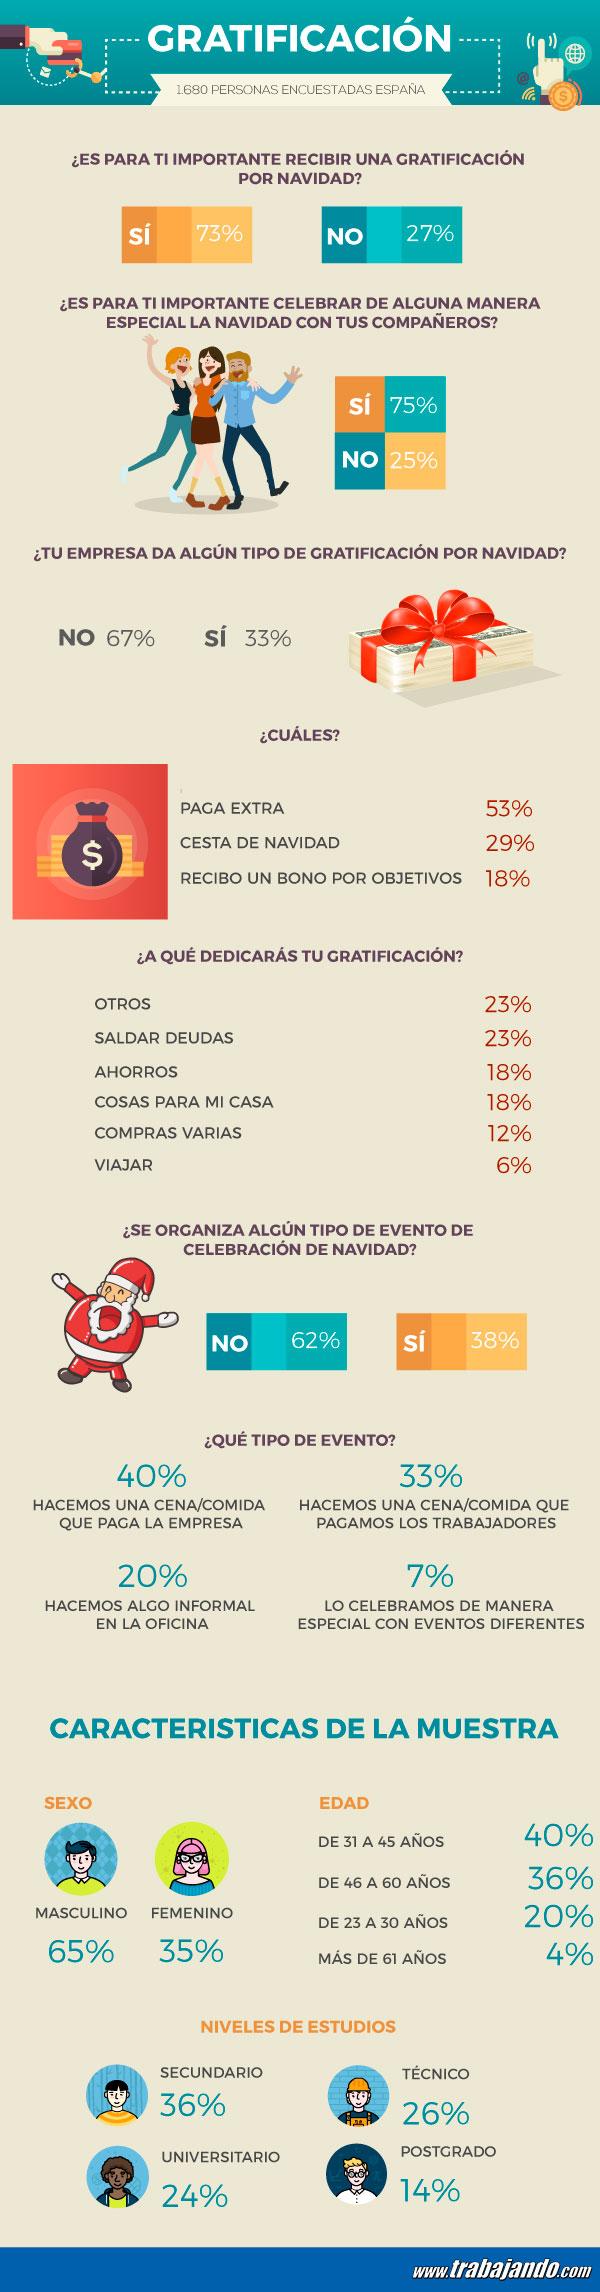 Trabajadores que reciben una gratificación por Navidad en España